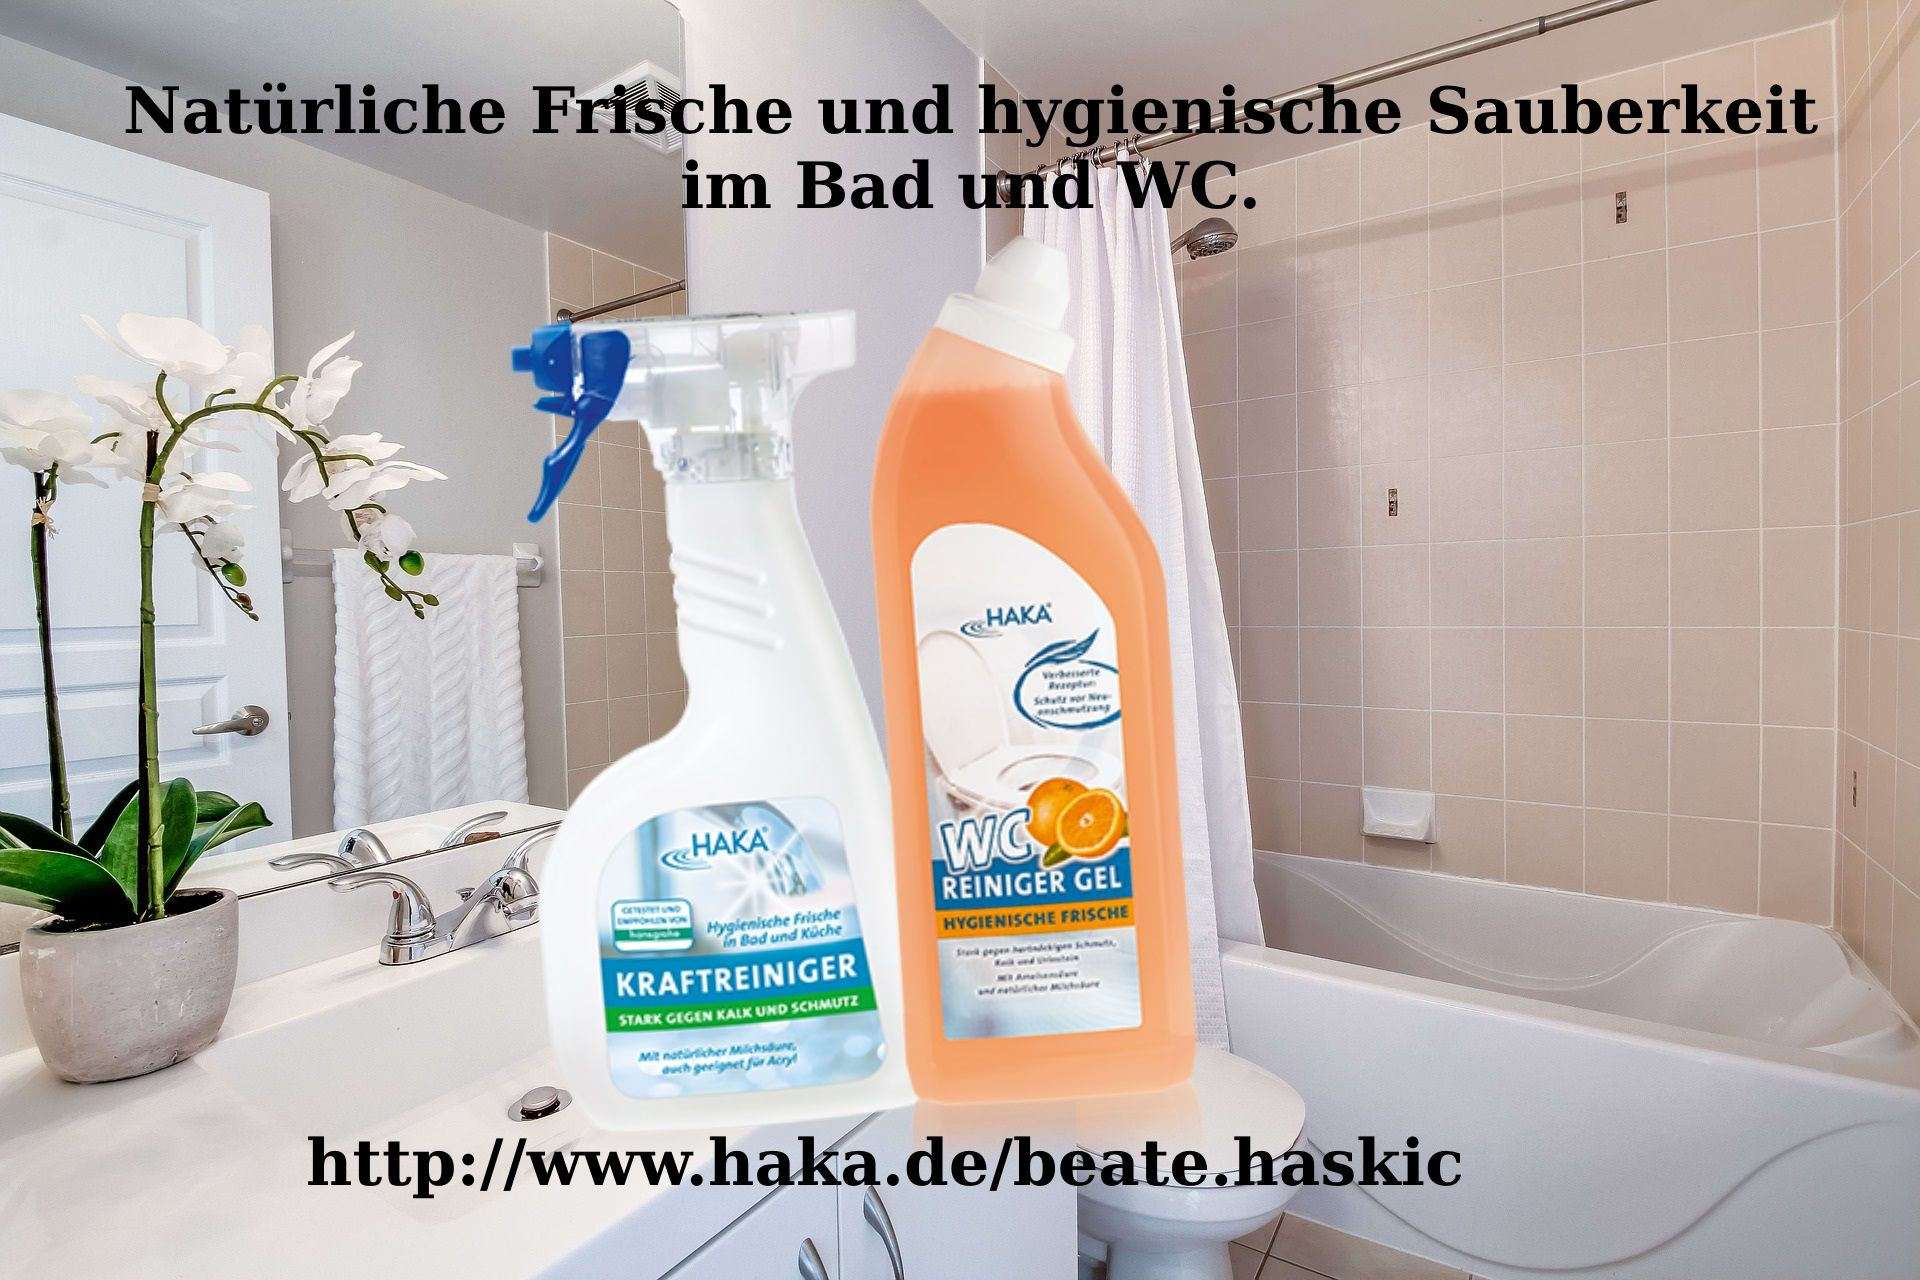 Bad Und Wc Putzhelden Mit Frischen Duft Wc Reiniger Badreiniger Kalkreiniger